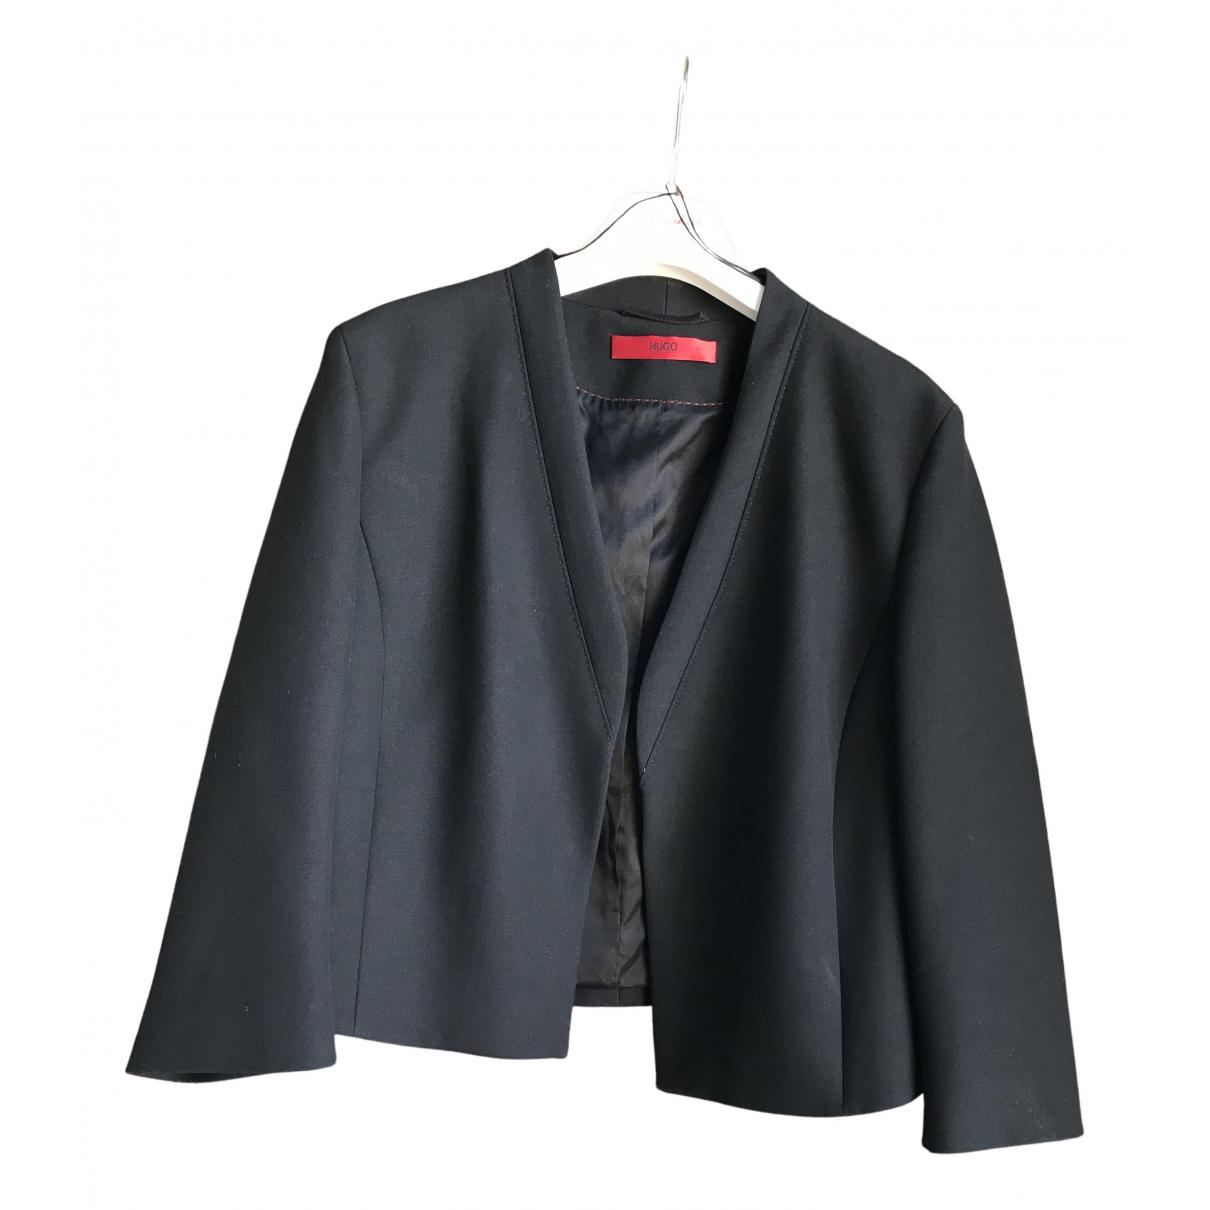 Hugo Boss \N Black jacket for Women 44 FR